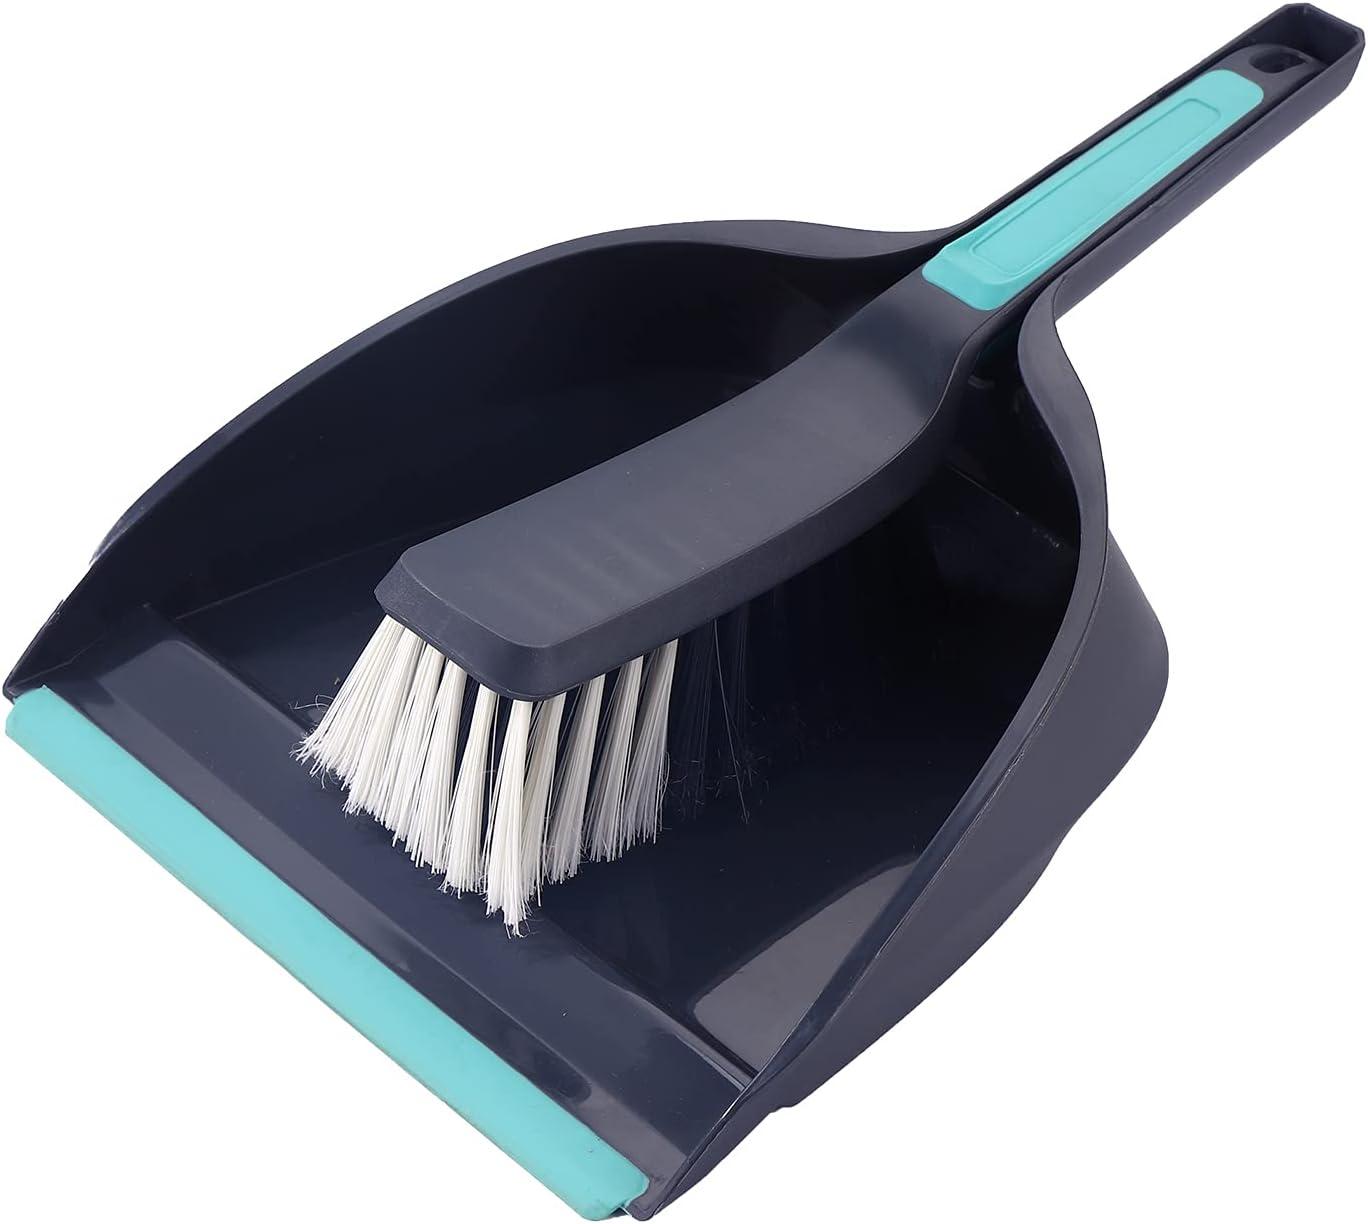 Maiyuansu Discount is also underway Dustpan and Brush Set for Bru half Clean Floor Kitchen Home